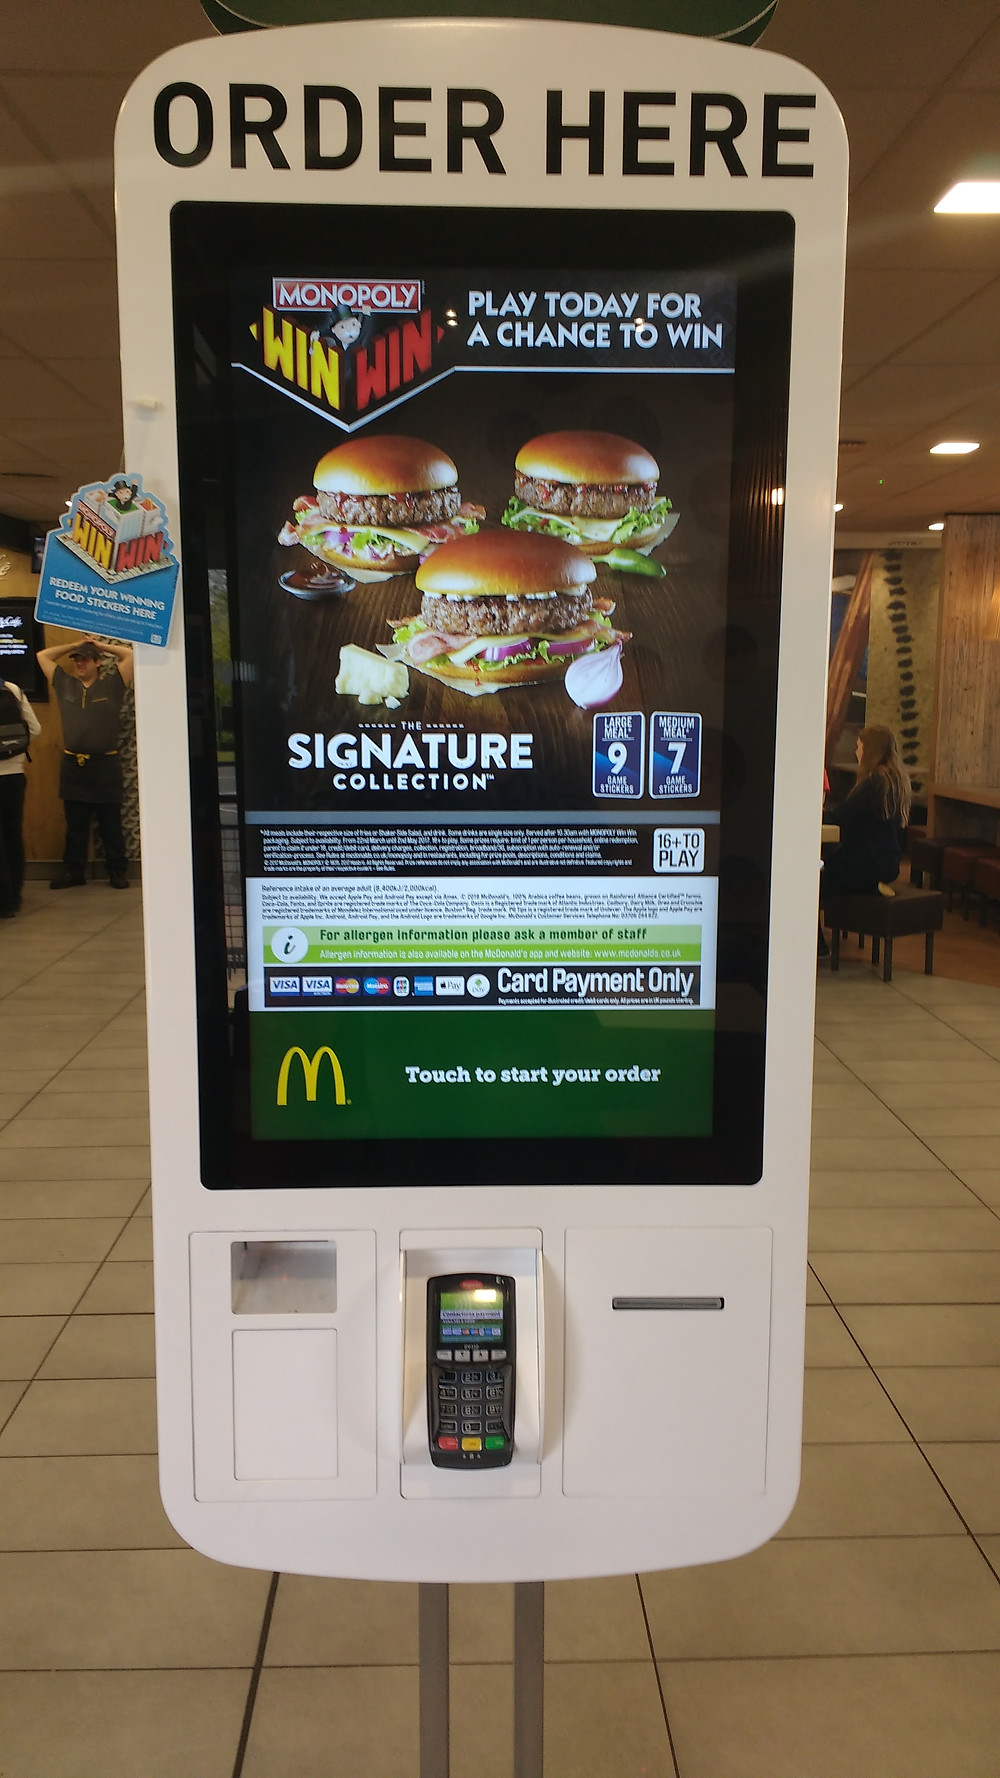 The McDonald's Touchscreen Kiosk